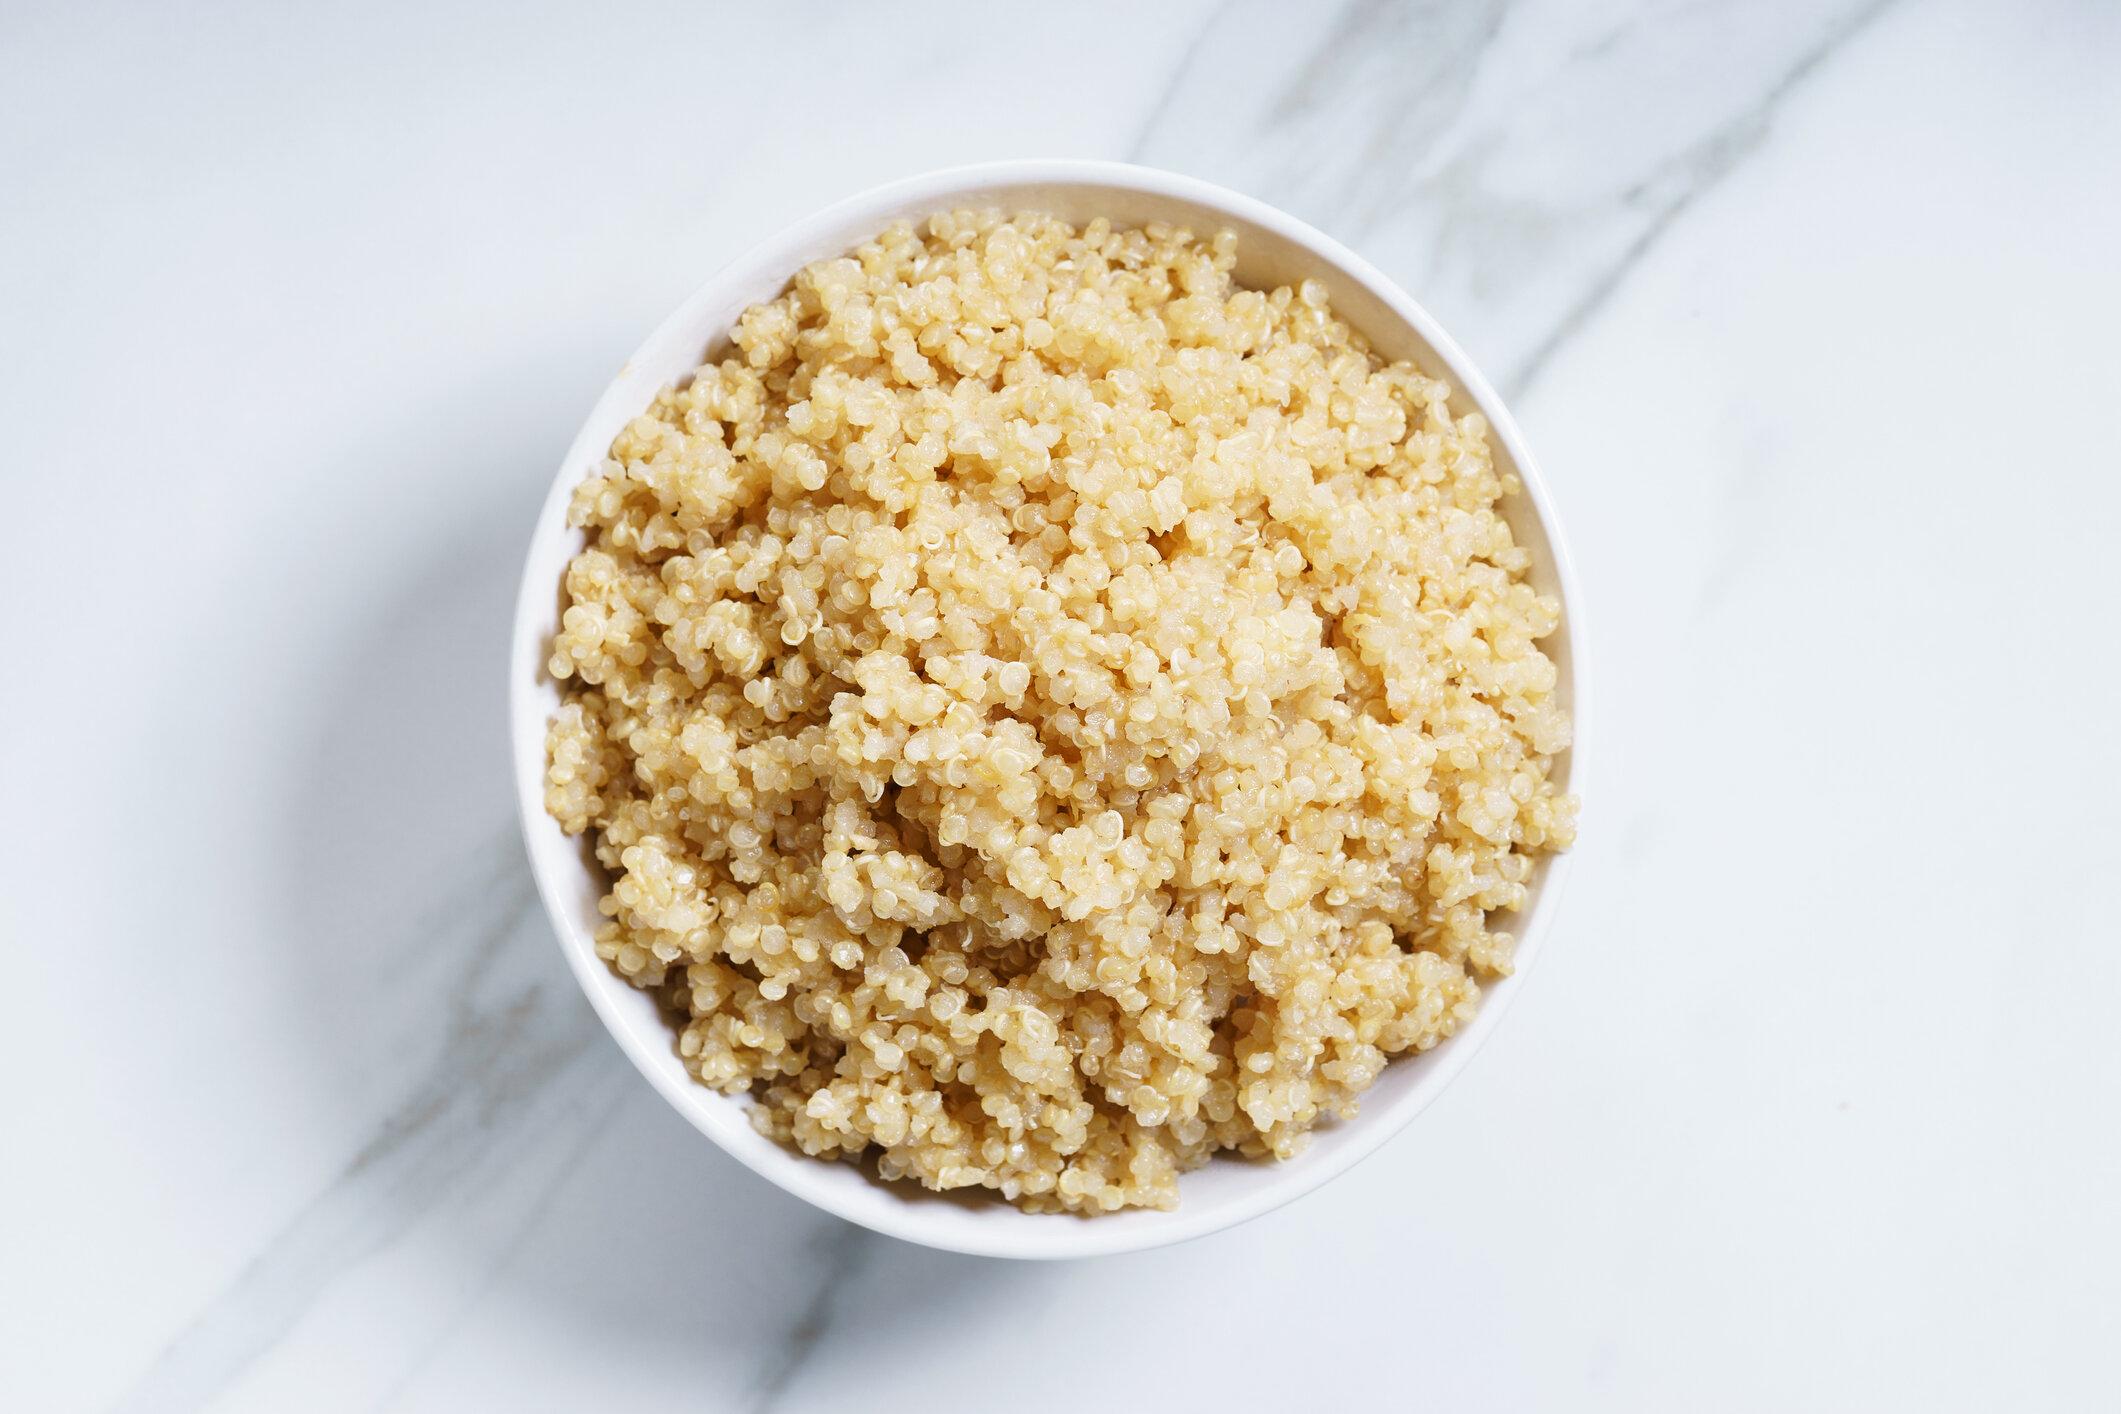 Quinoa - 6 grams protein per cup